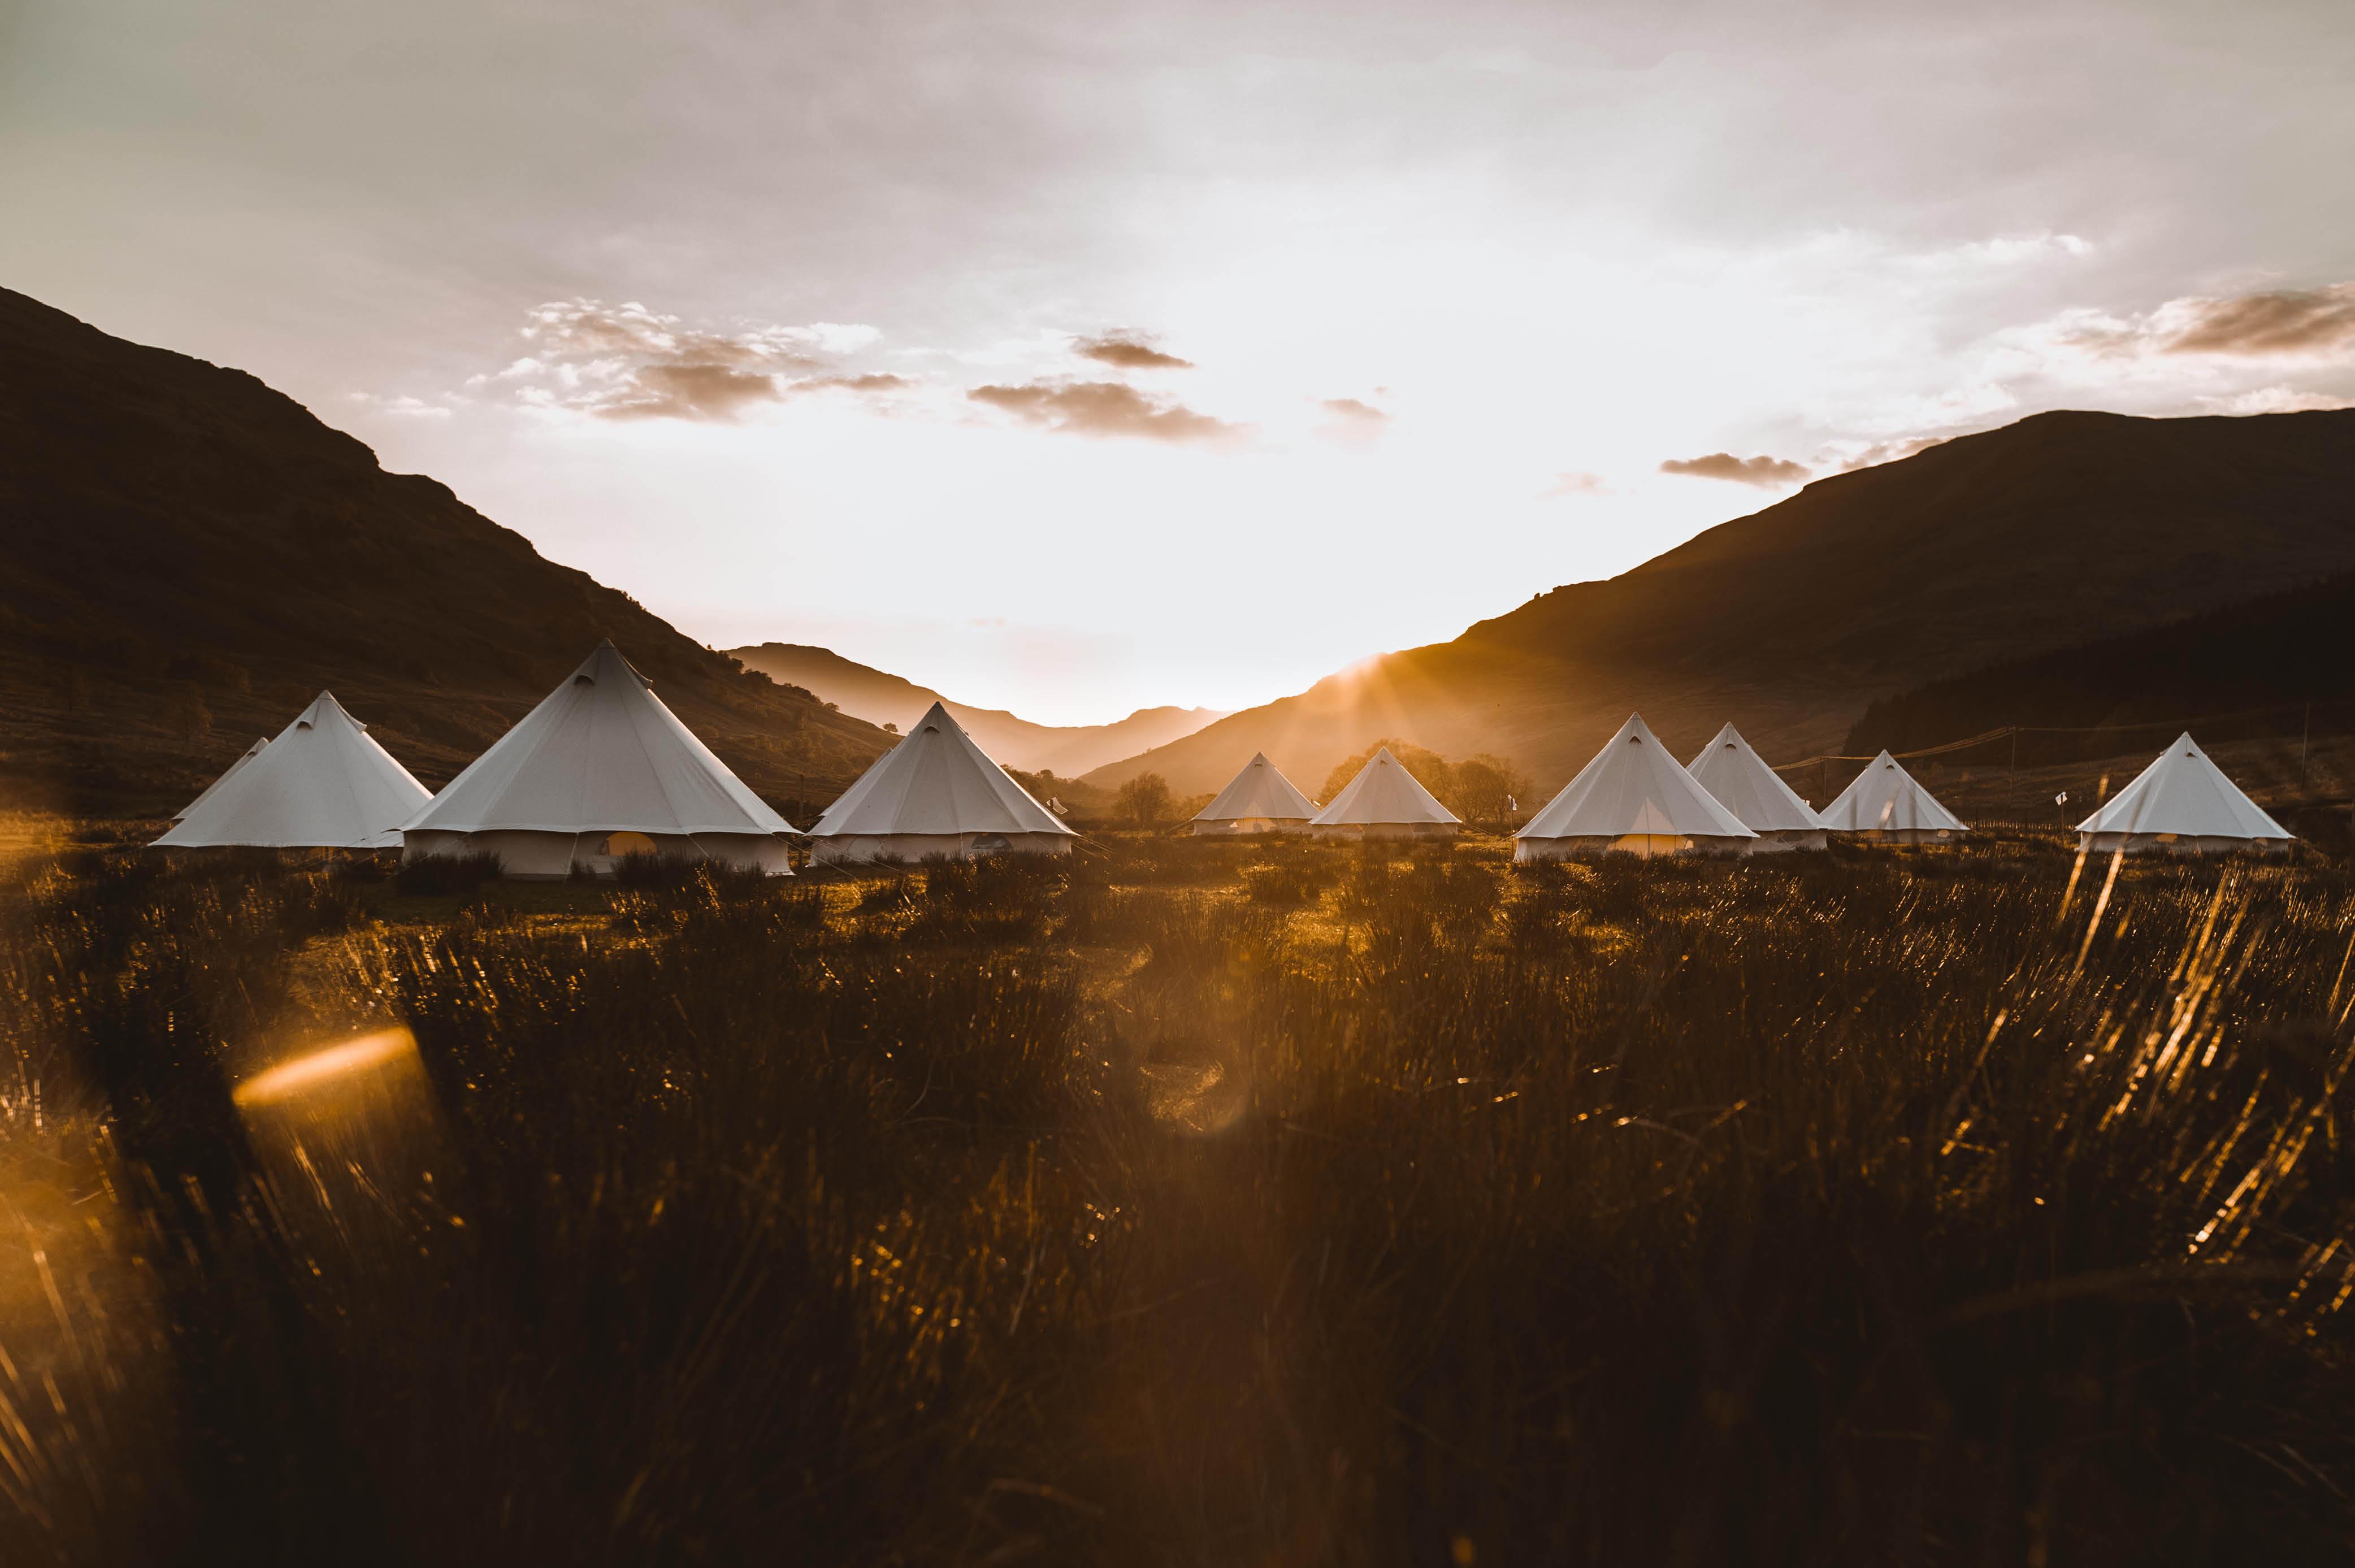 tents-1